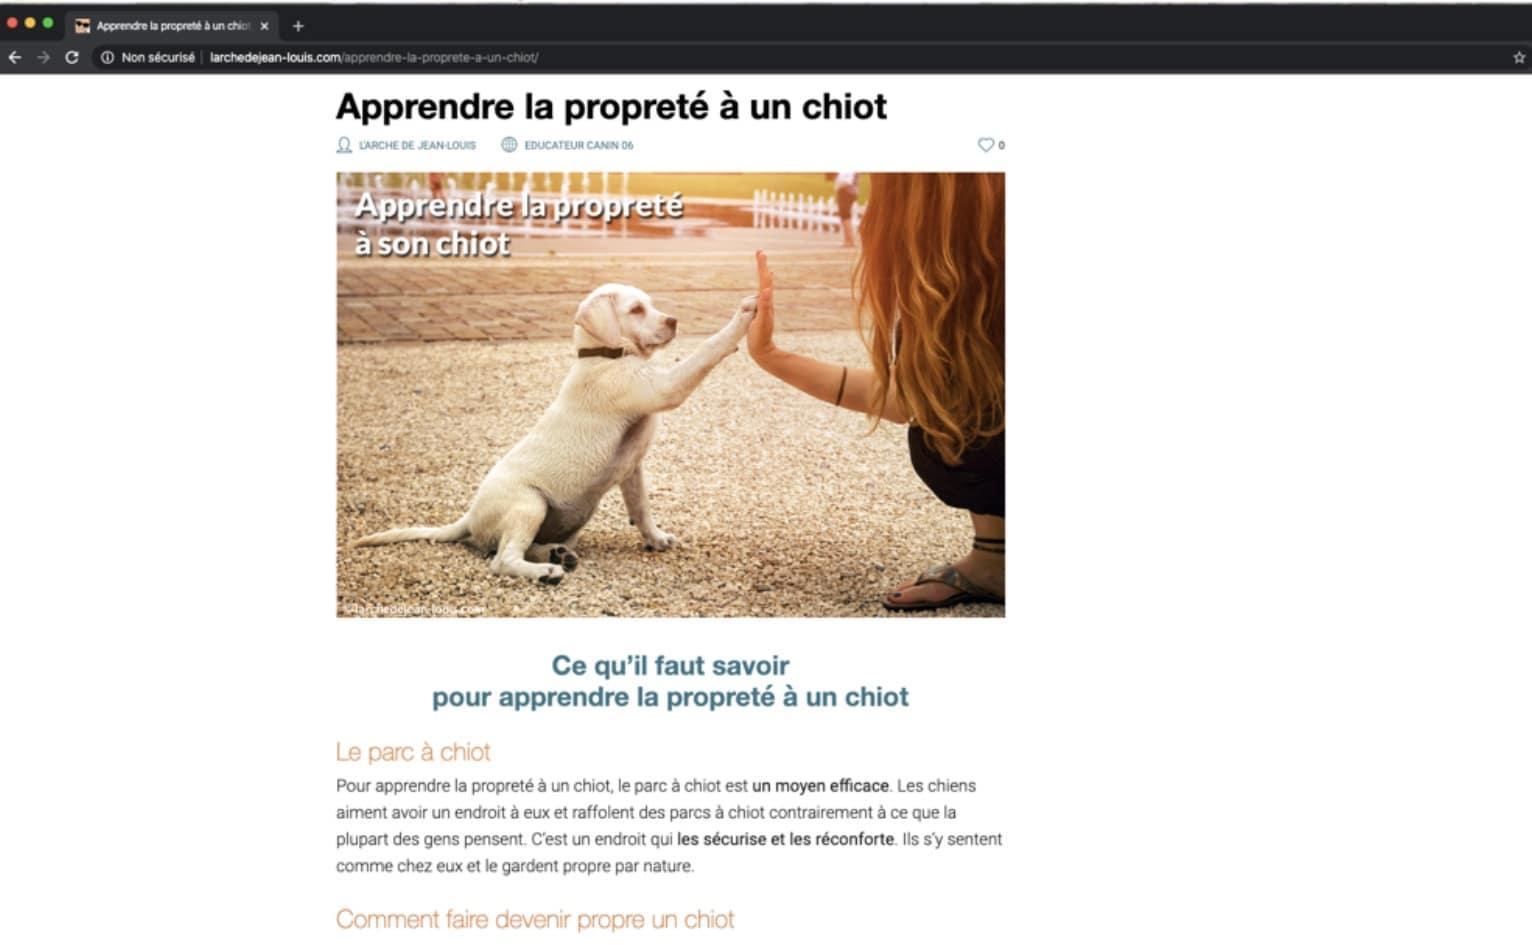 Rédaction d'un article sur l'éducation canine d'un chiot